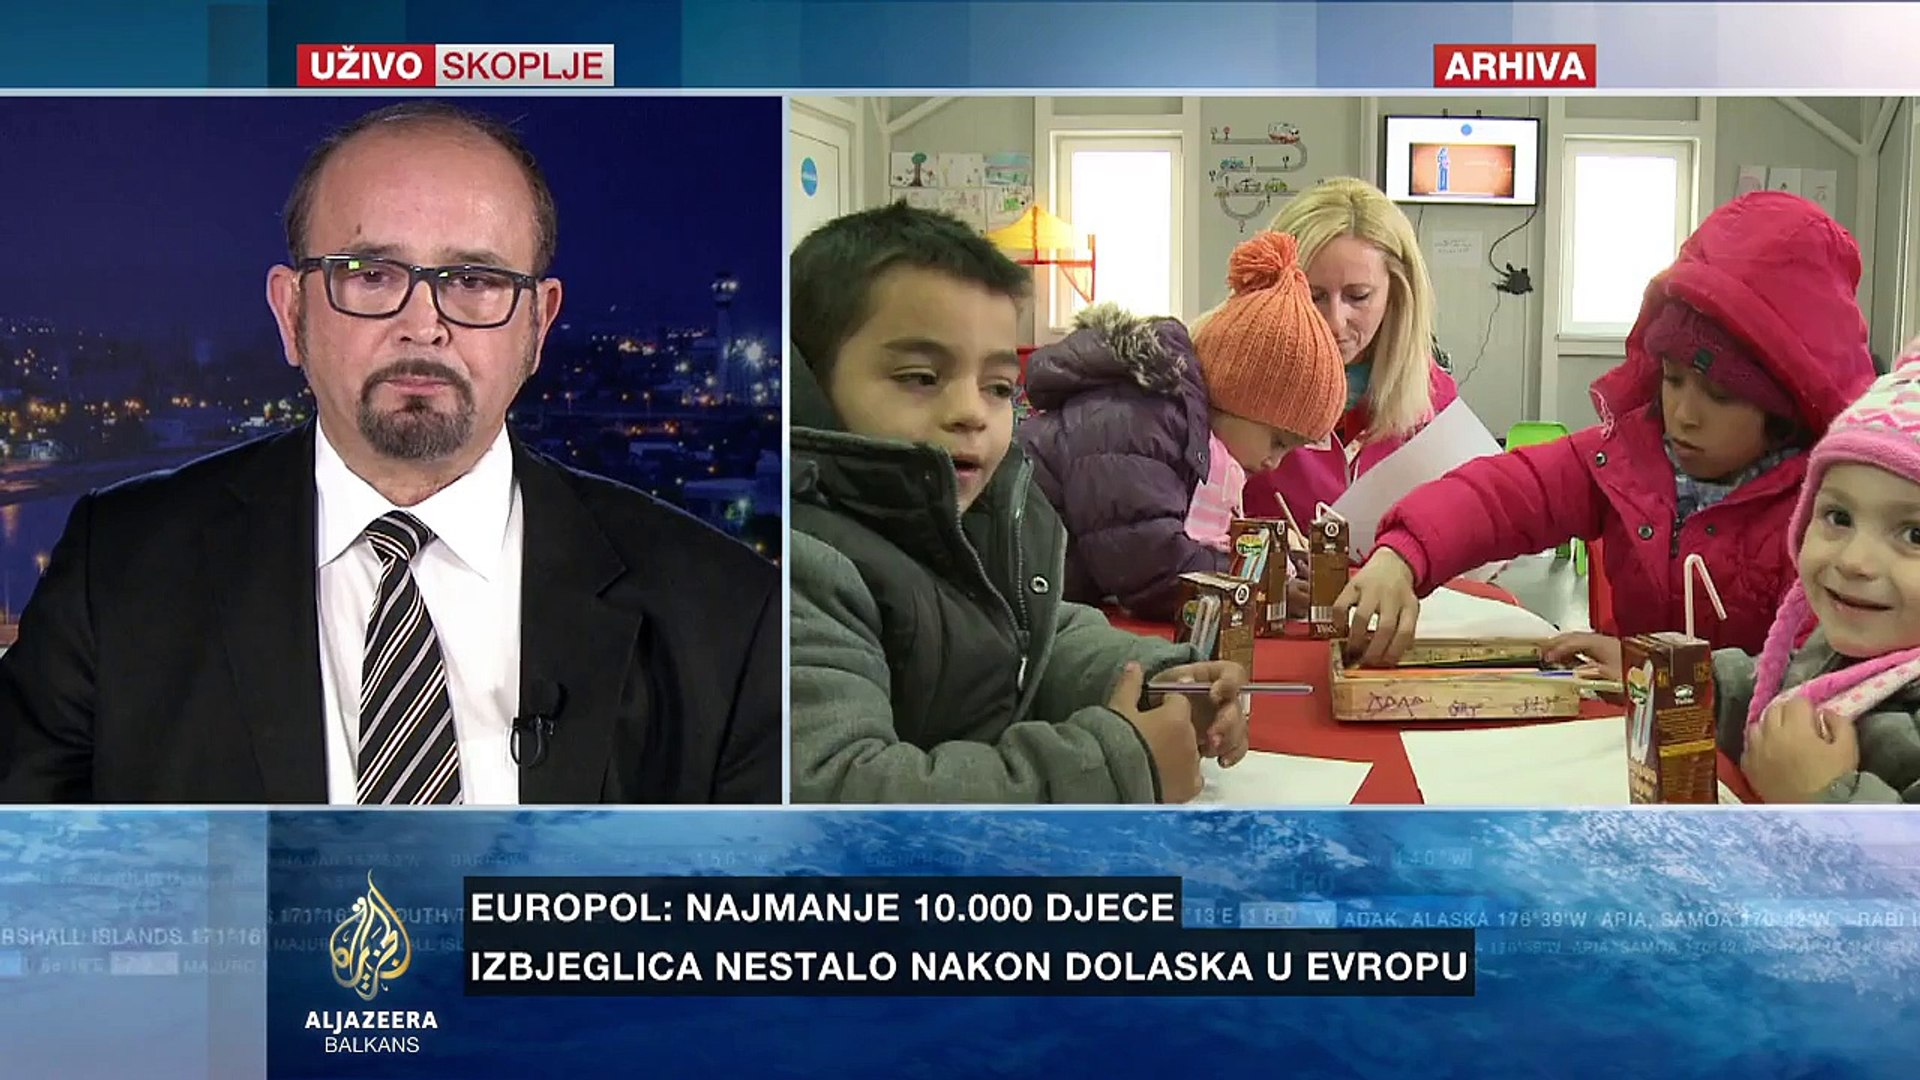 Zmijanac o nestaloj djeci izbjeglicama Al Jazeera Balkans